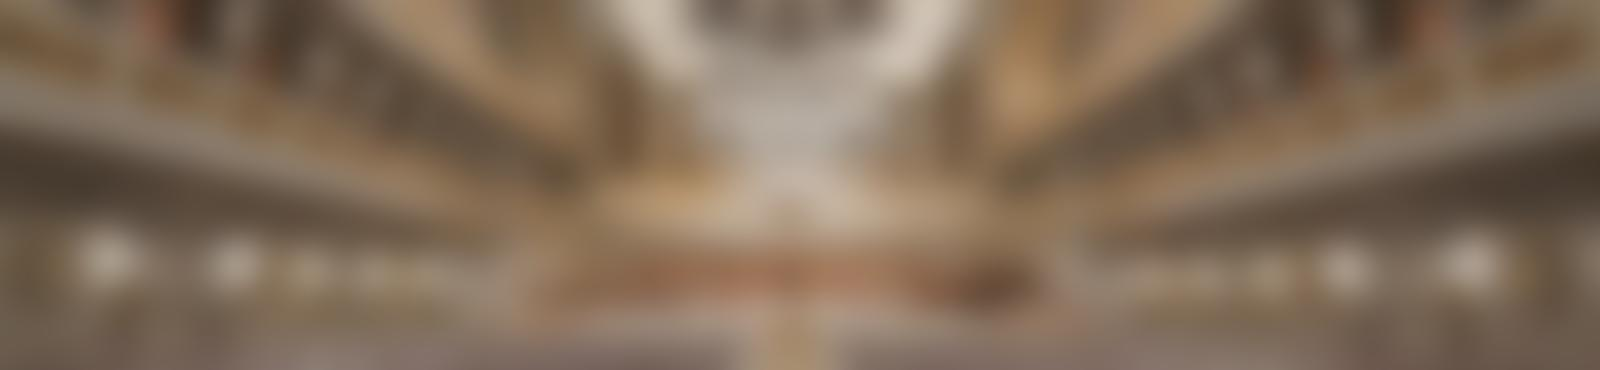 Blurred e810c631 68a1 4023 8e23 bc4219c74b20